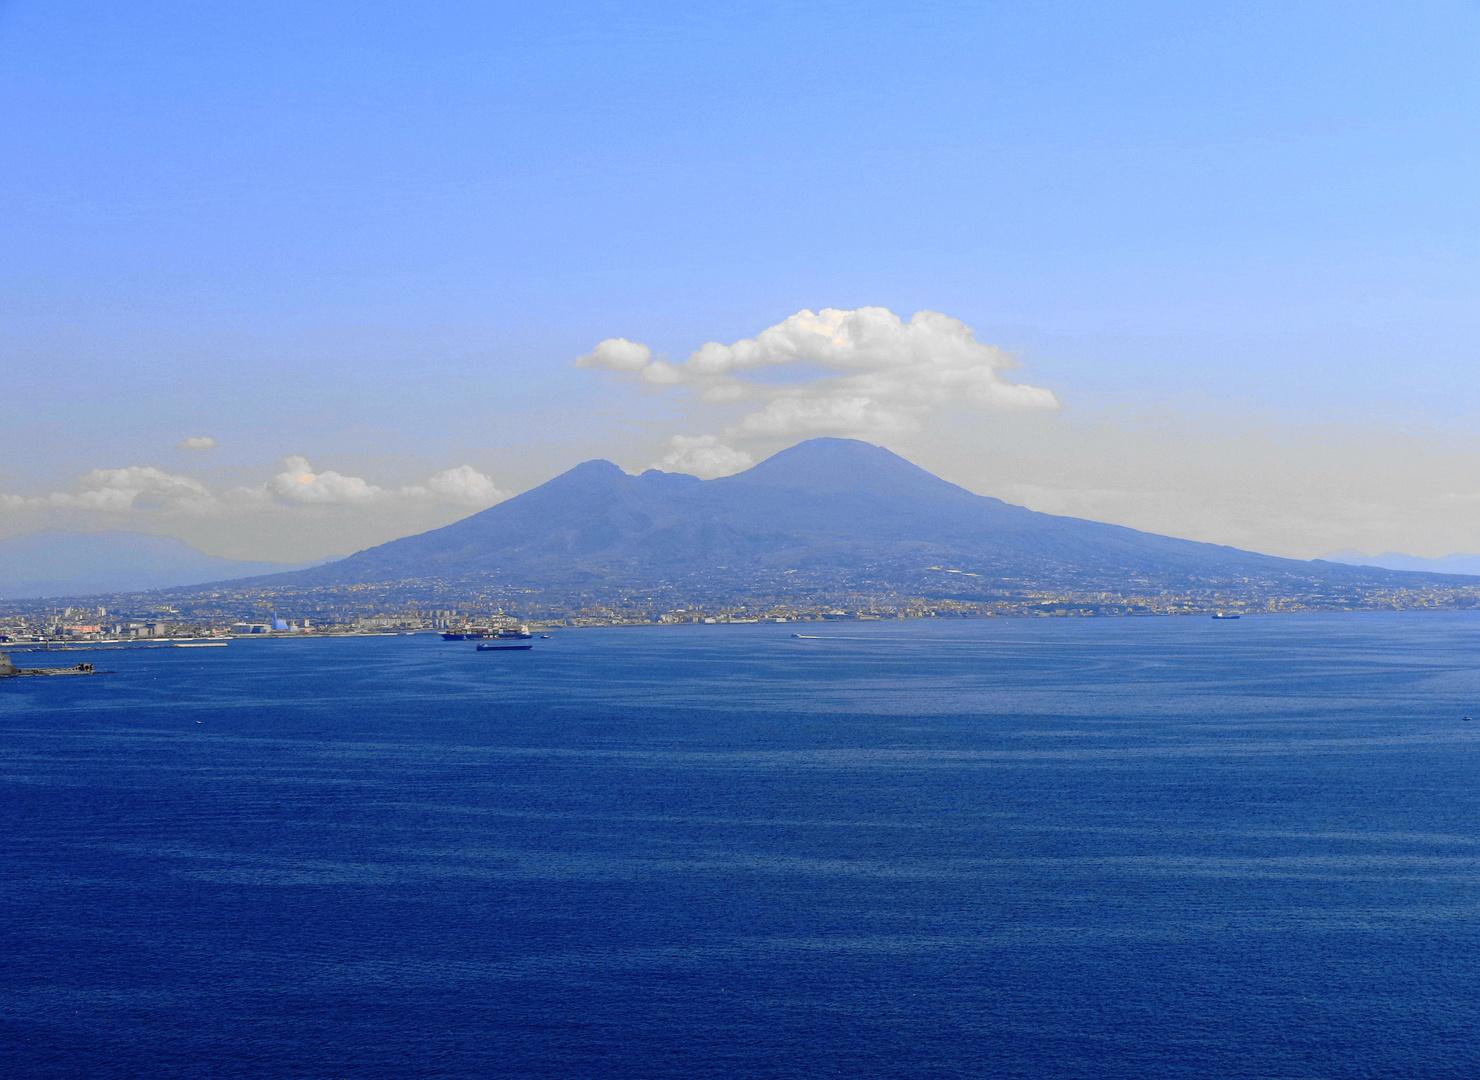 La bahía de Nápoles con el Vesubio de fondo